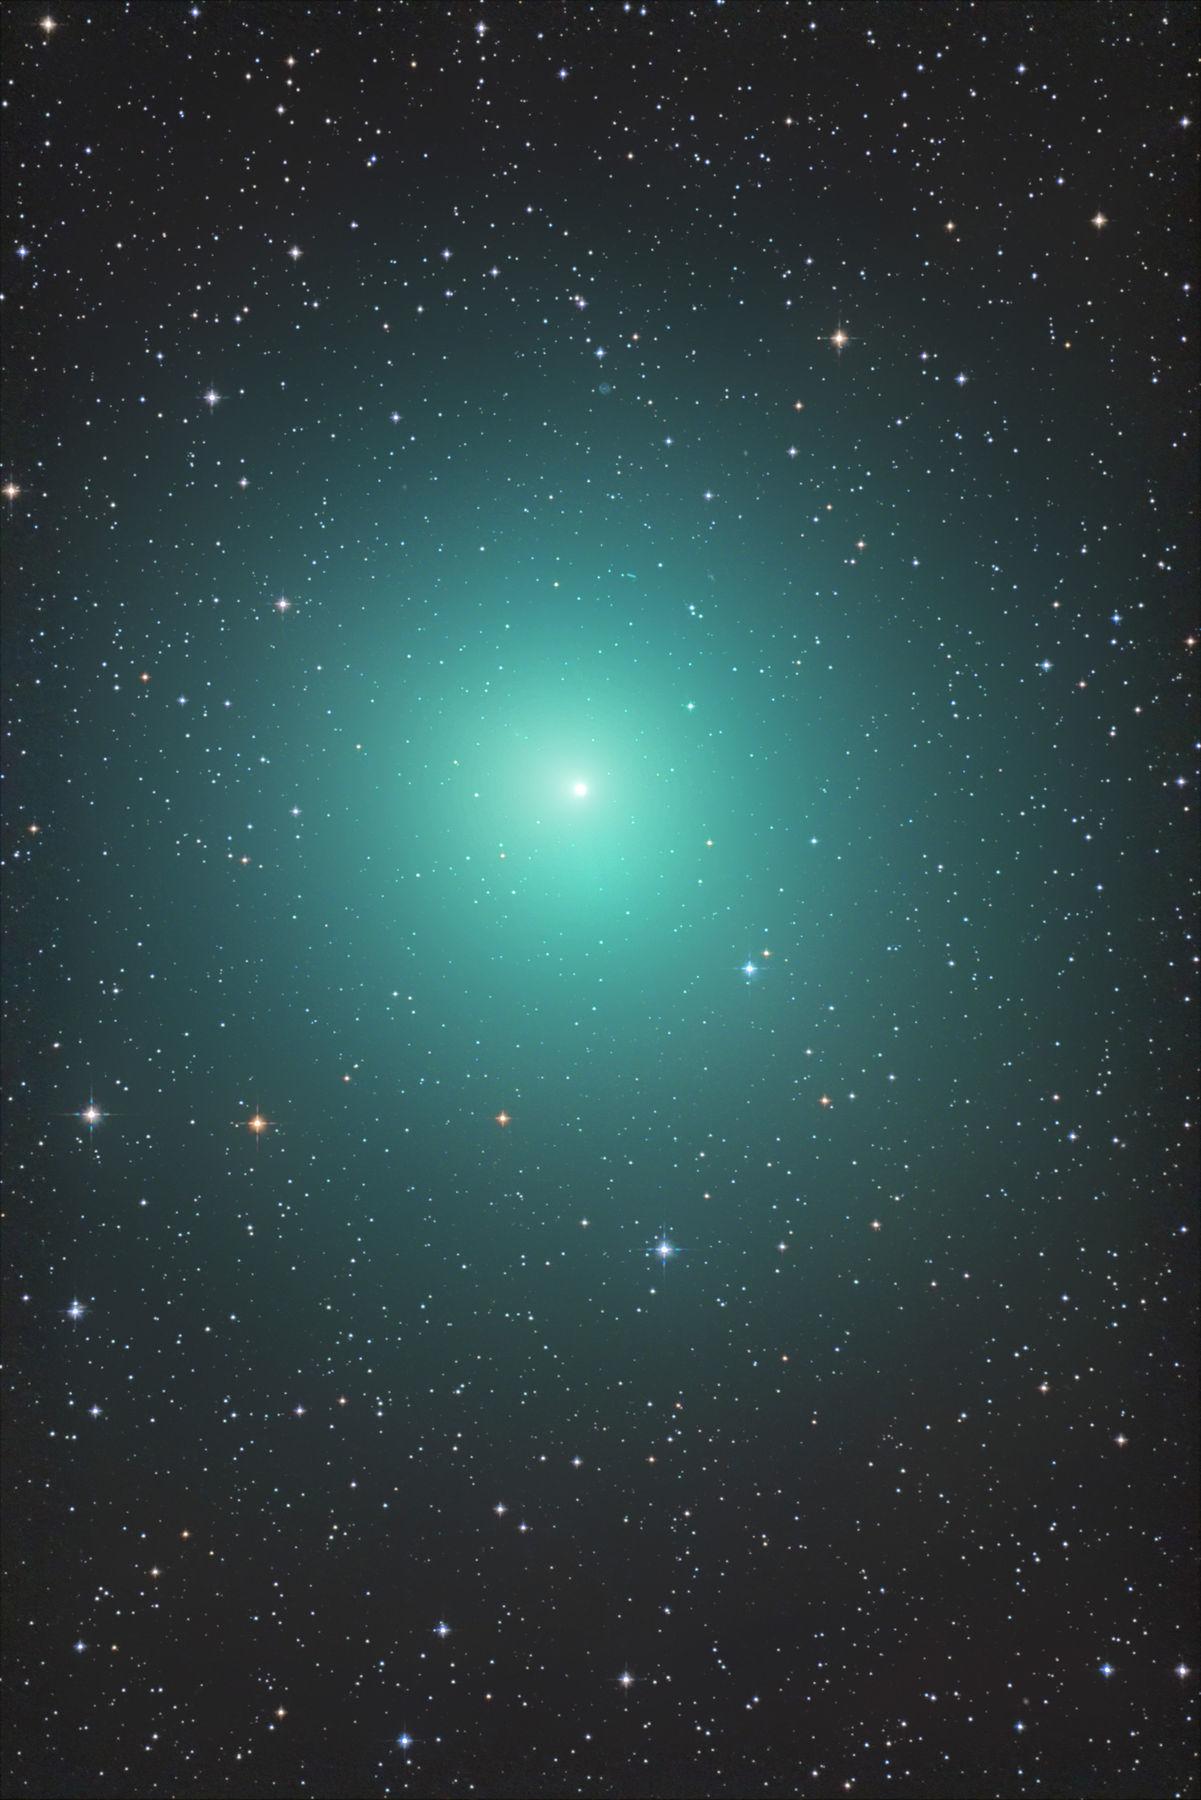 【彗星】46P/ウィルタネン彗星、やっぱデカイねん(ノ゚∀゚)ノ